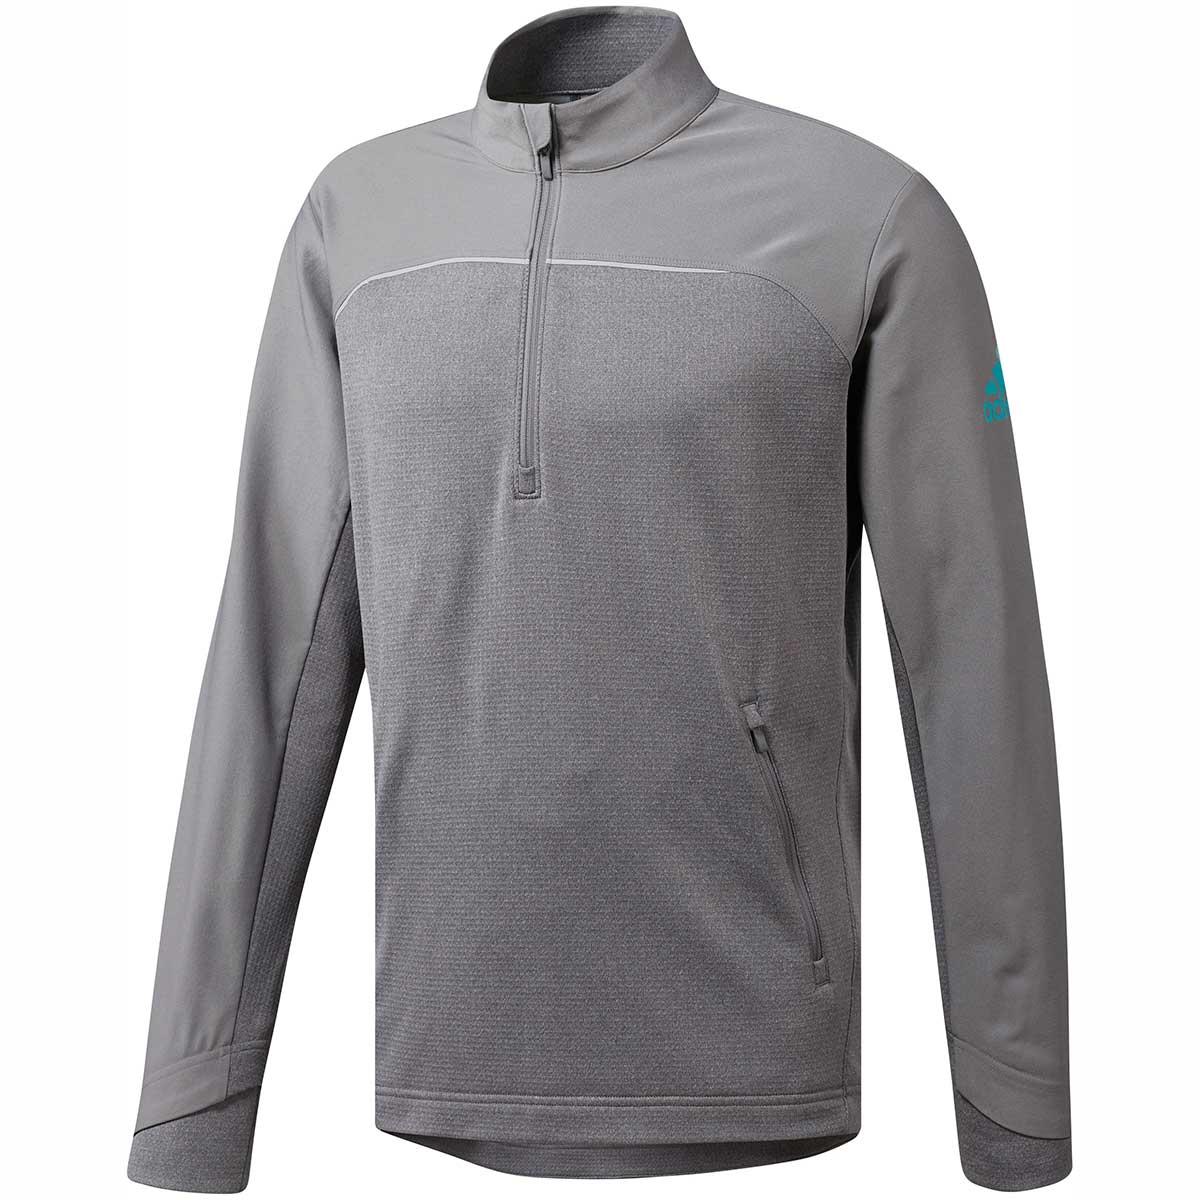 Adidas Men's Go-To Adapt 1/4 Zip Grey Pullover